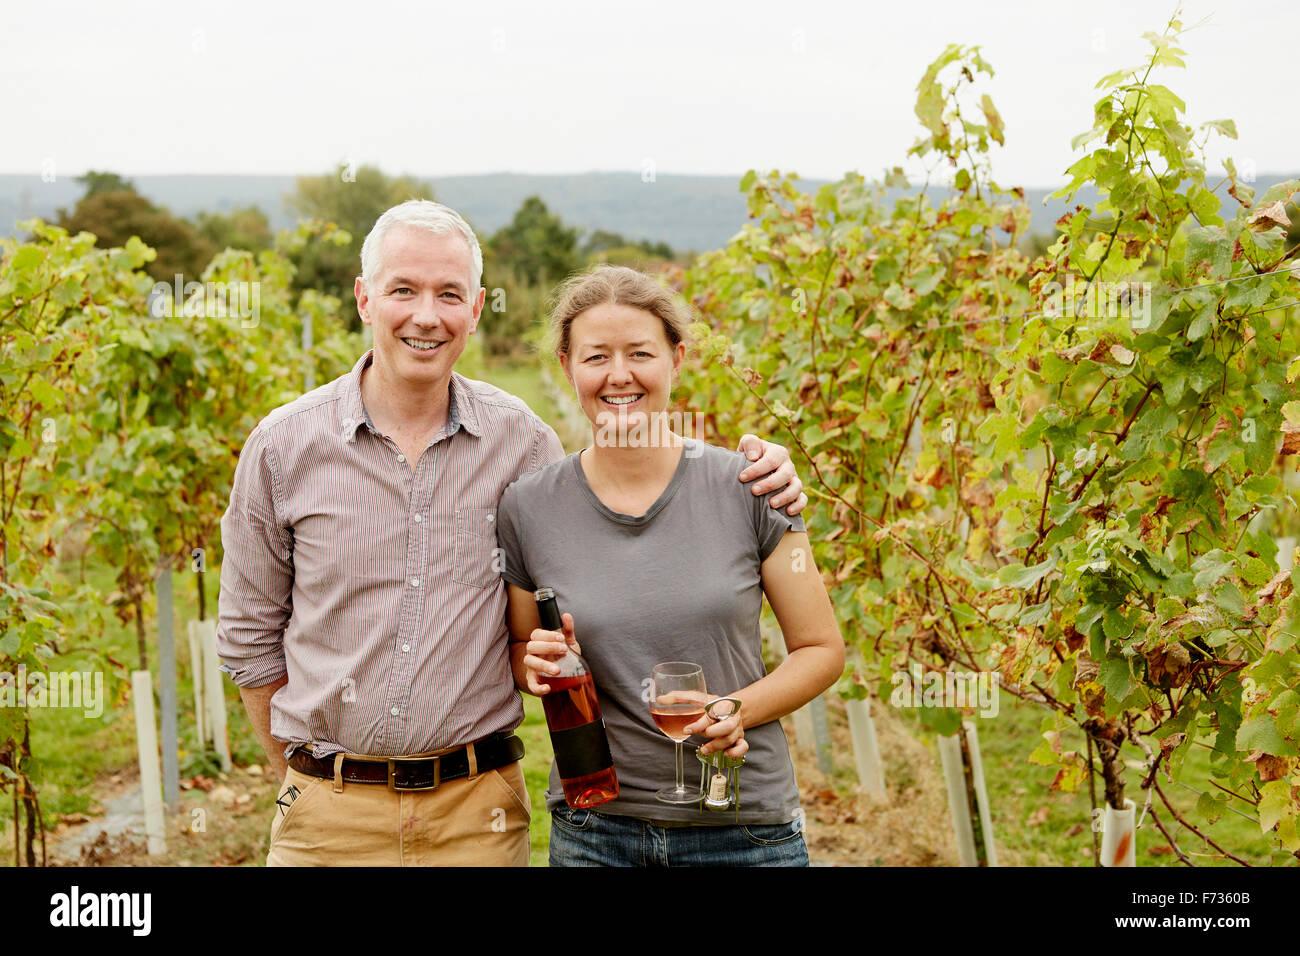 Ein paar, Weinberg-Gründer und ihr Partner unter den Reihen der Weinstöcke stehen. Stockbild